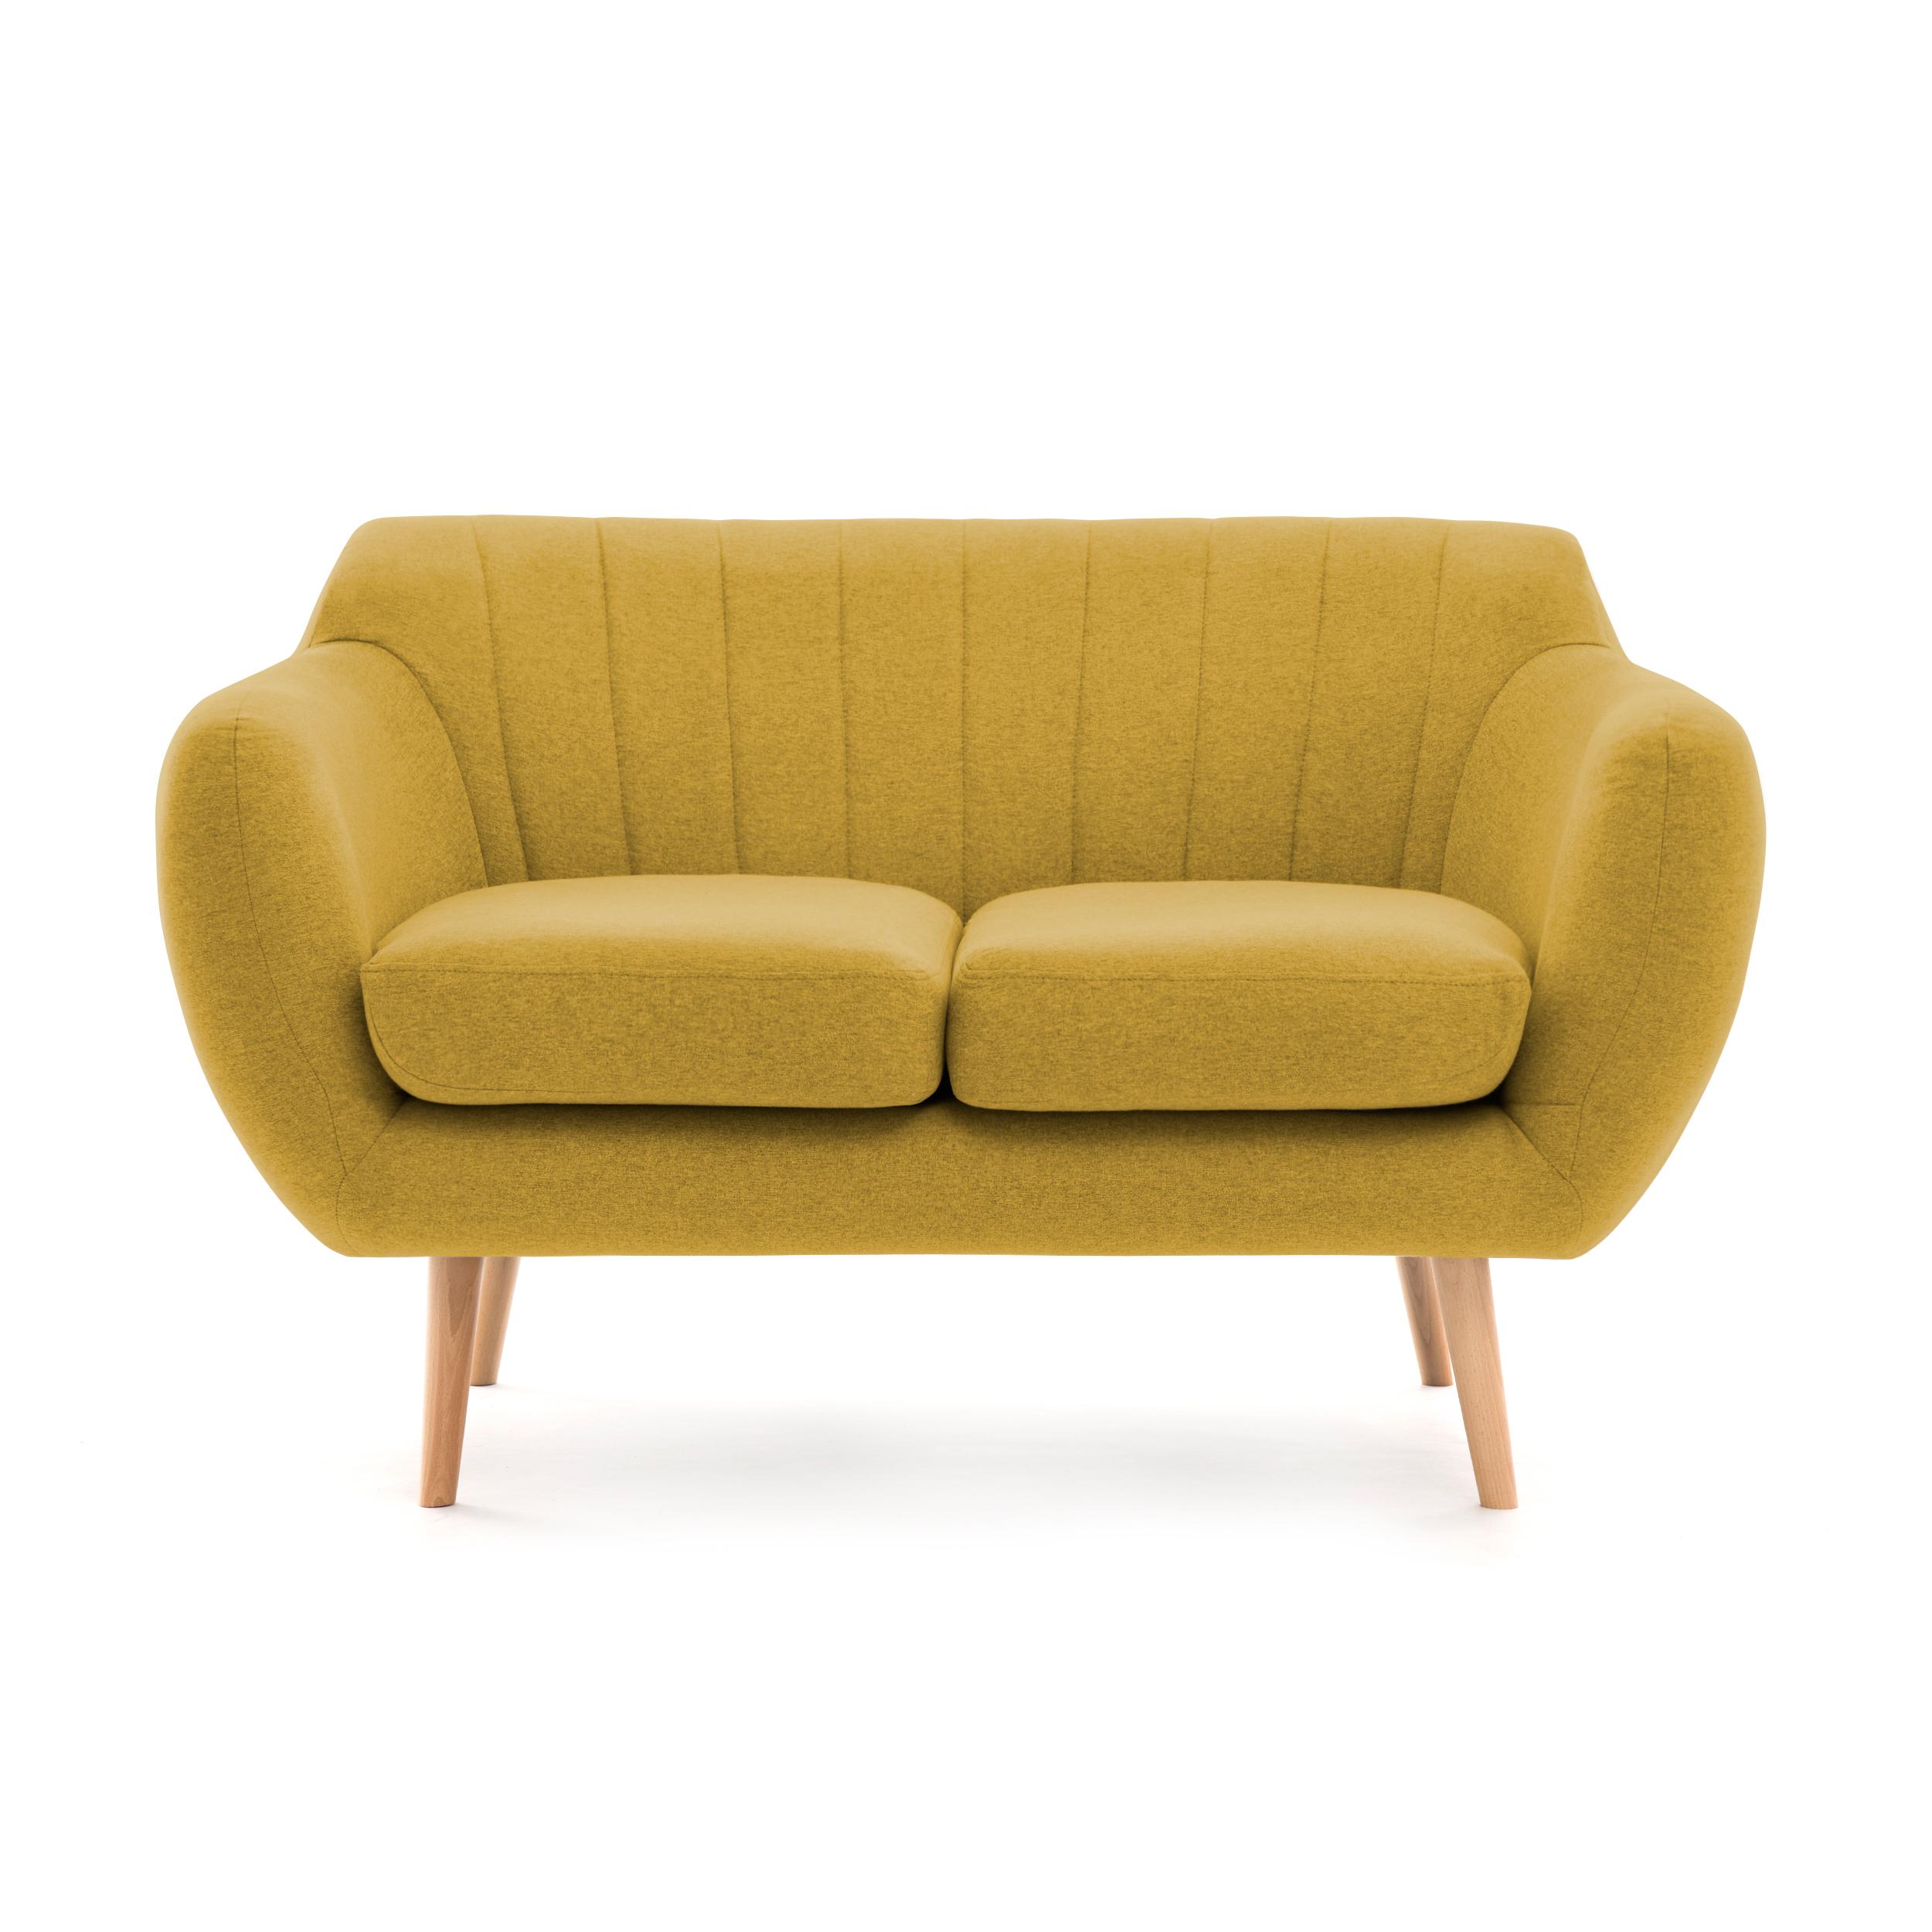 Canapea Fixa 2 locuri Kennet Lemon